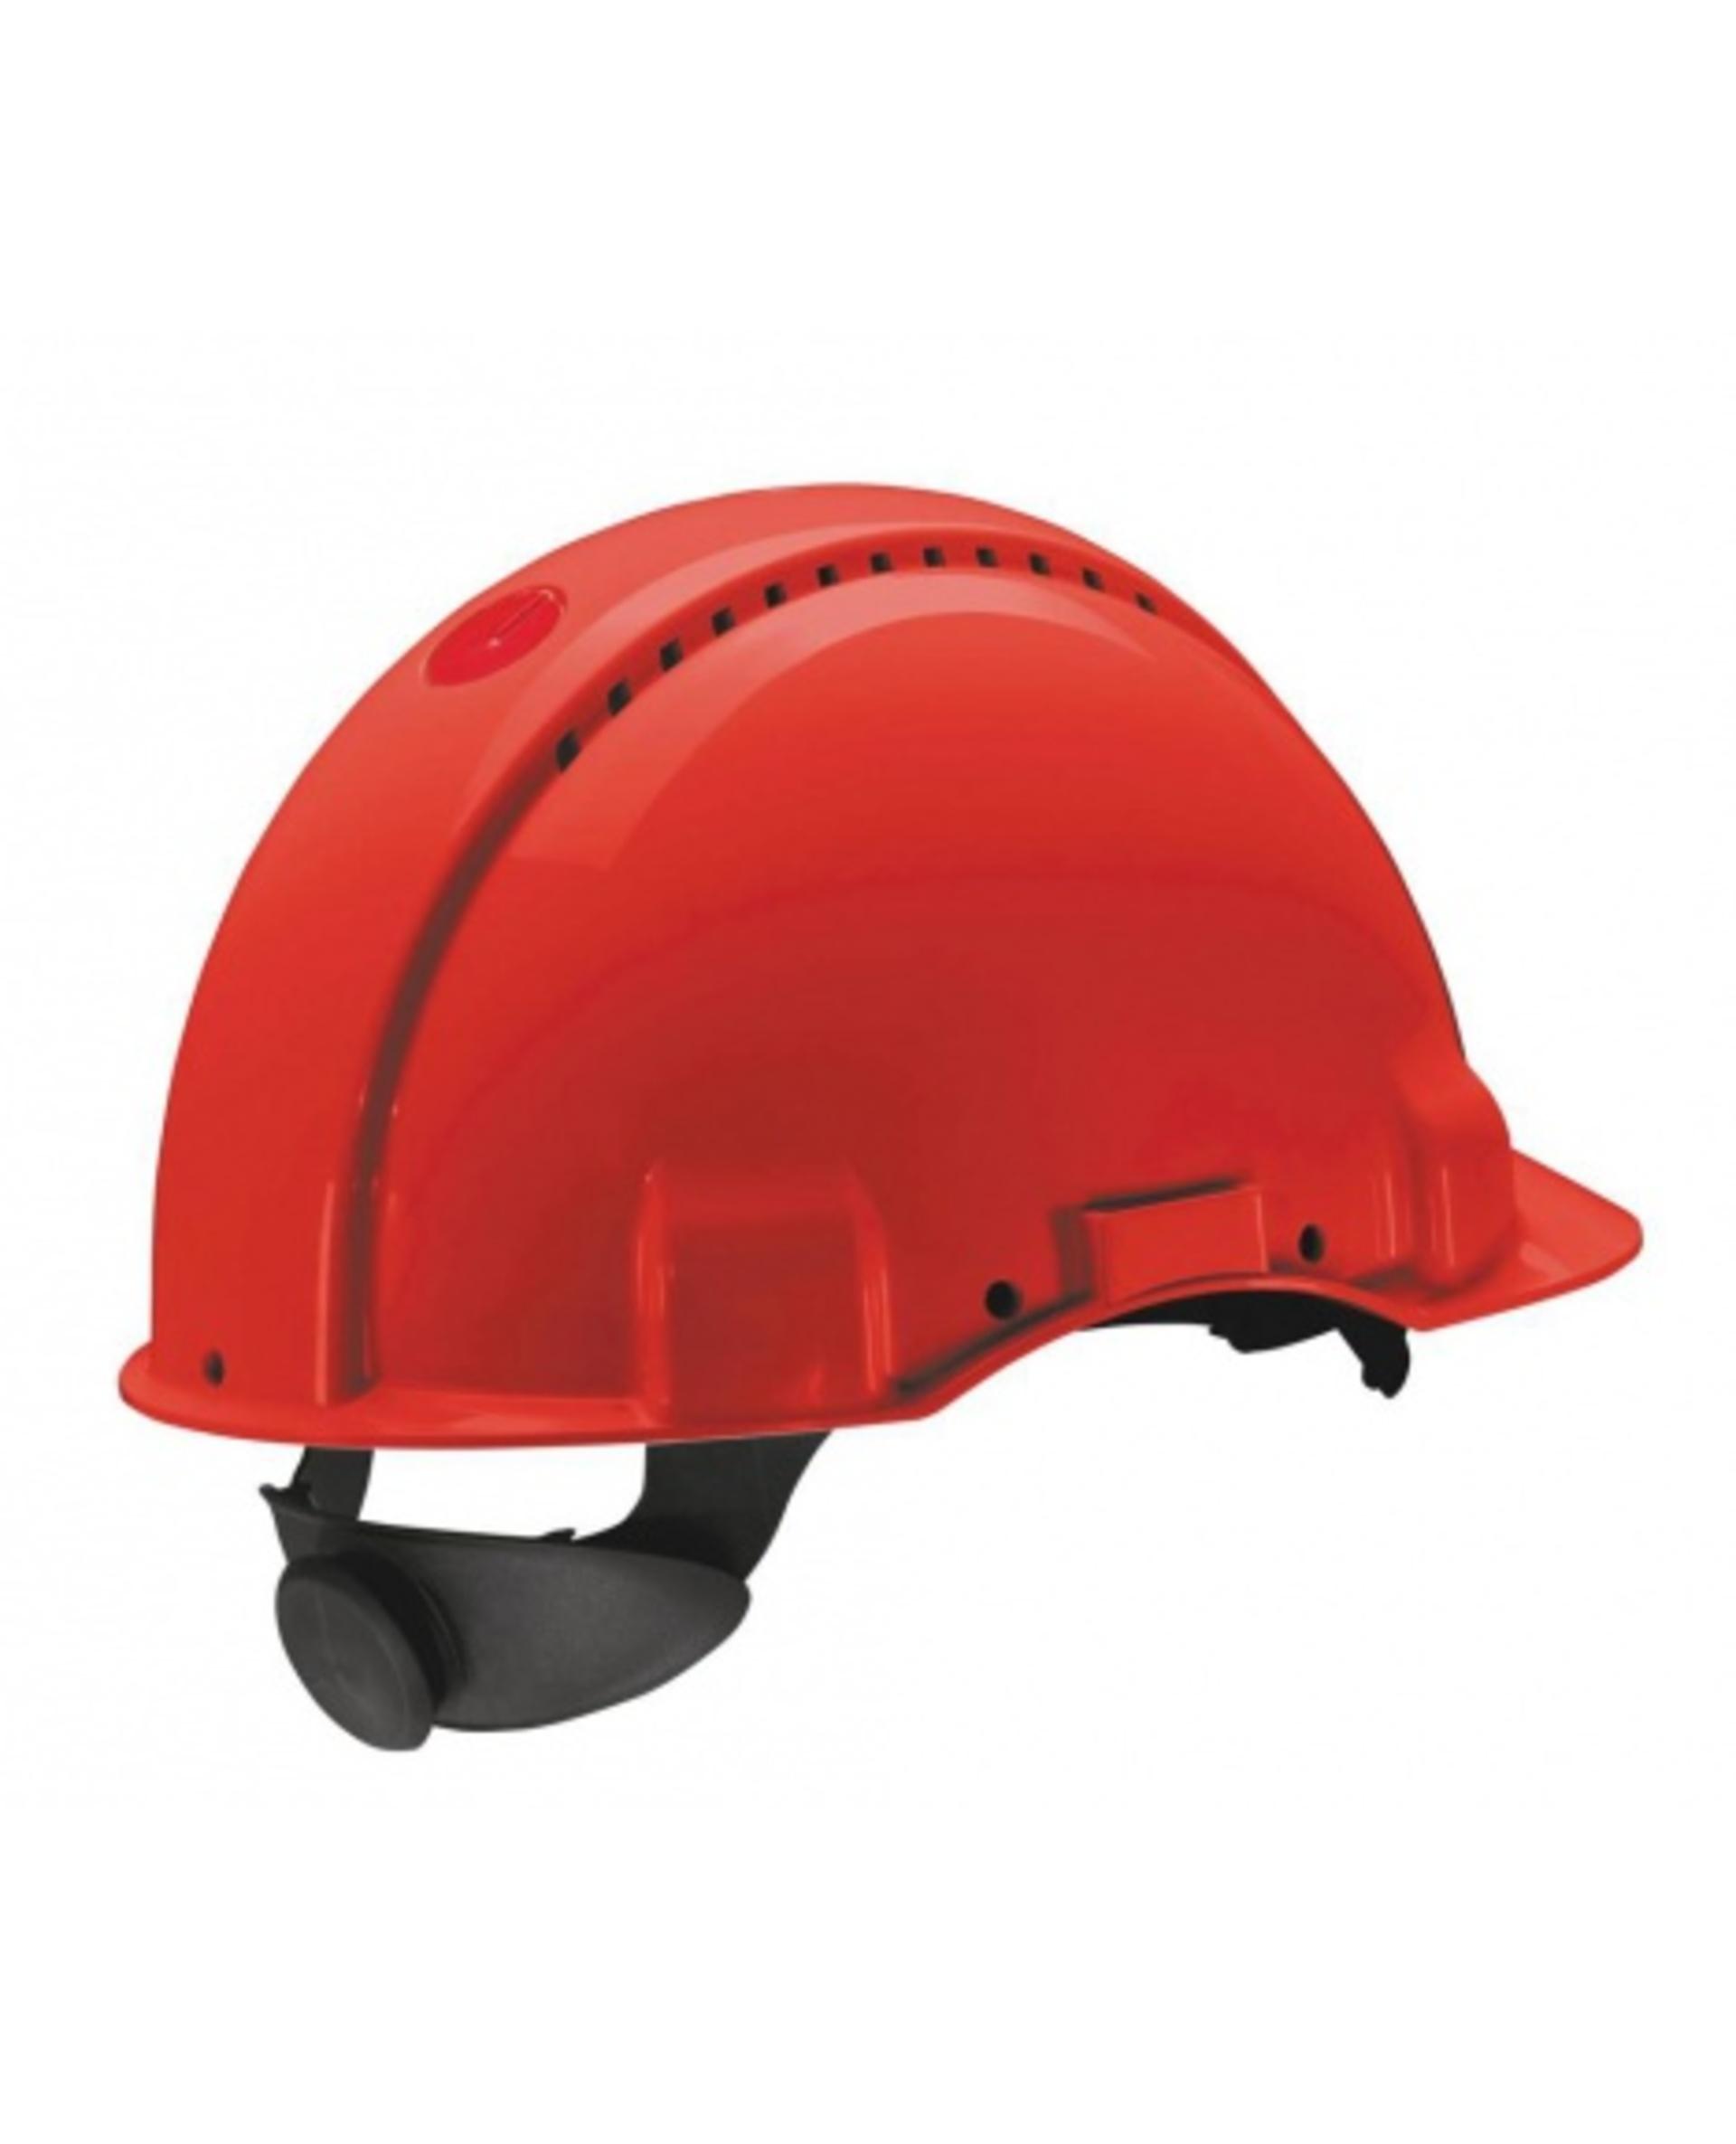 3M PELTOR G3000 Ochranná přilba červená